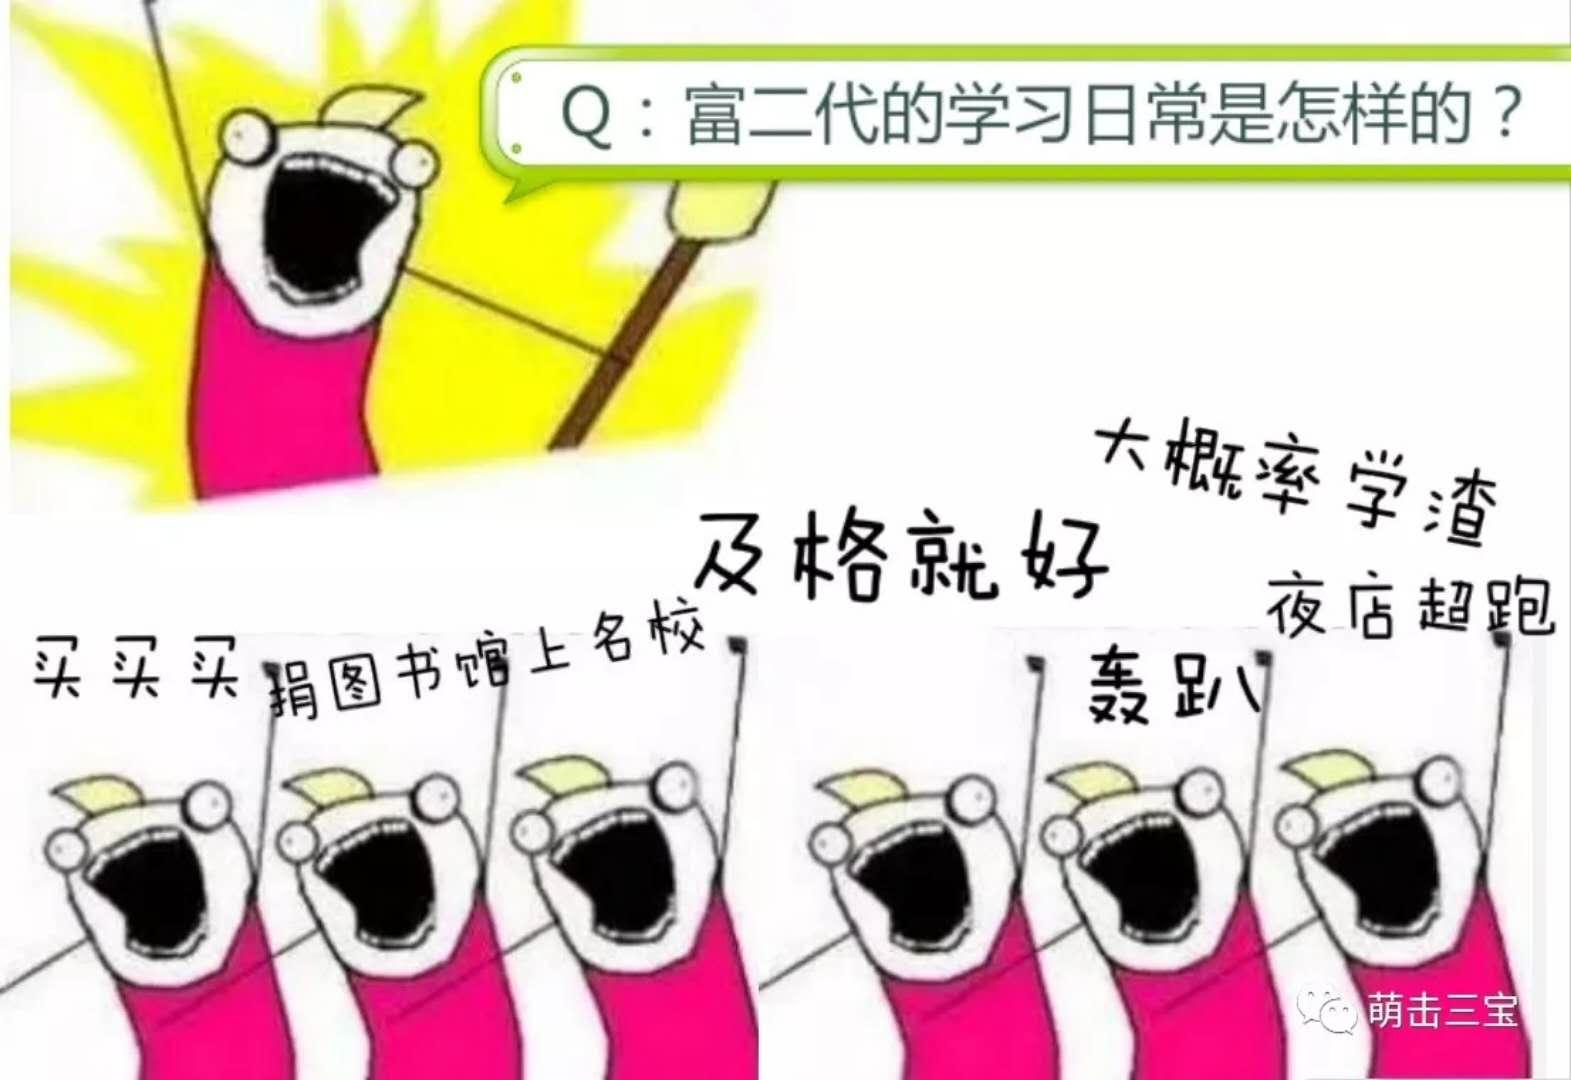 """平民学霸PK英国权贵二代遭""""碾压"""" 网友:贫穷限制你的想象"""